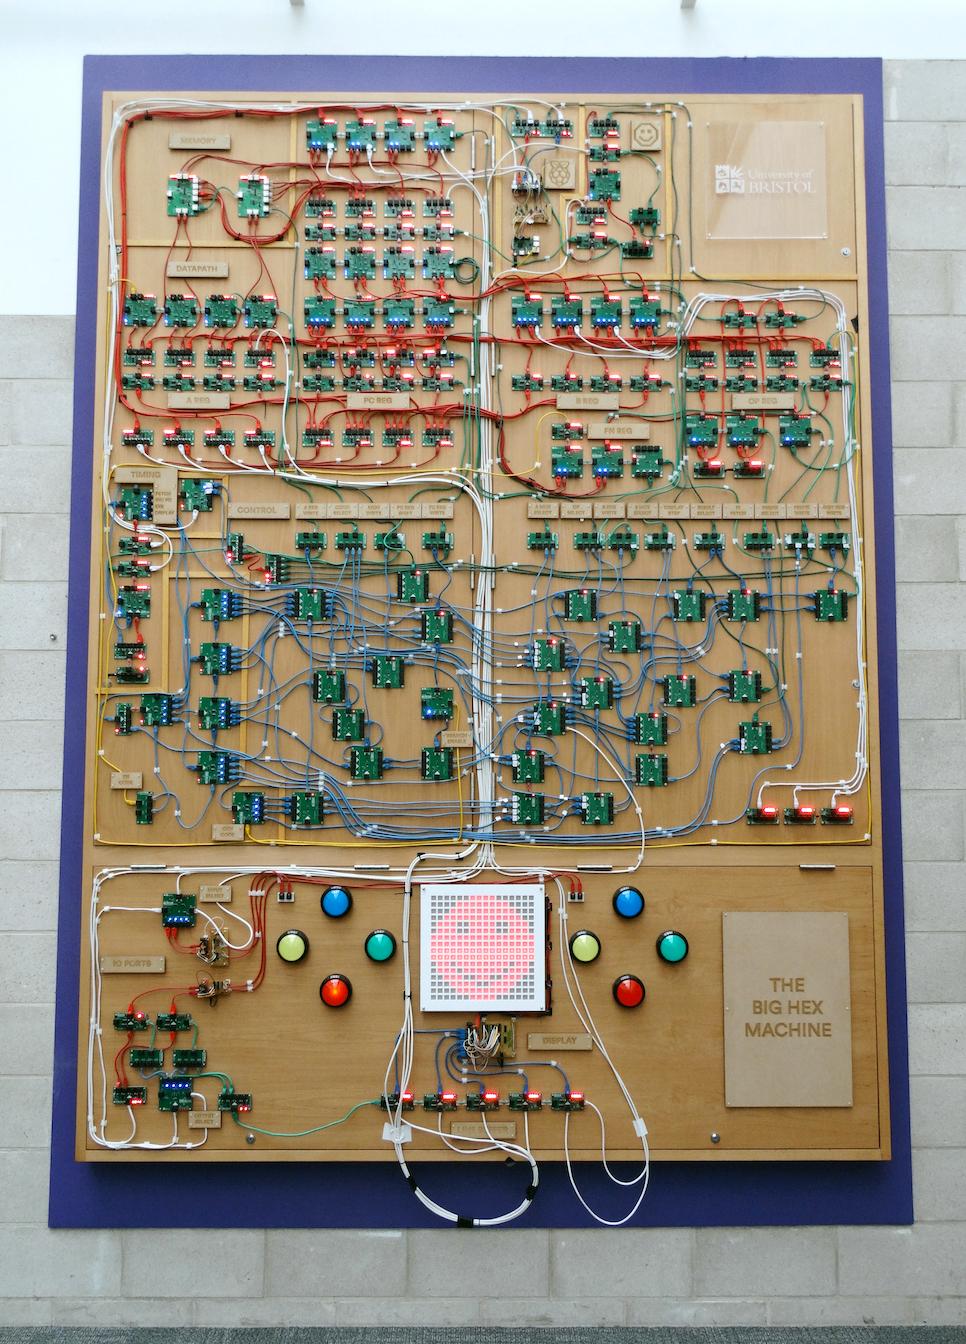 Így néz ki a hatalmas számítógép. Kép forrása: University of Bristol